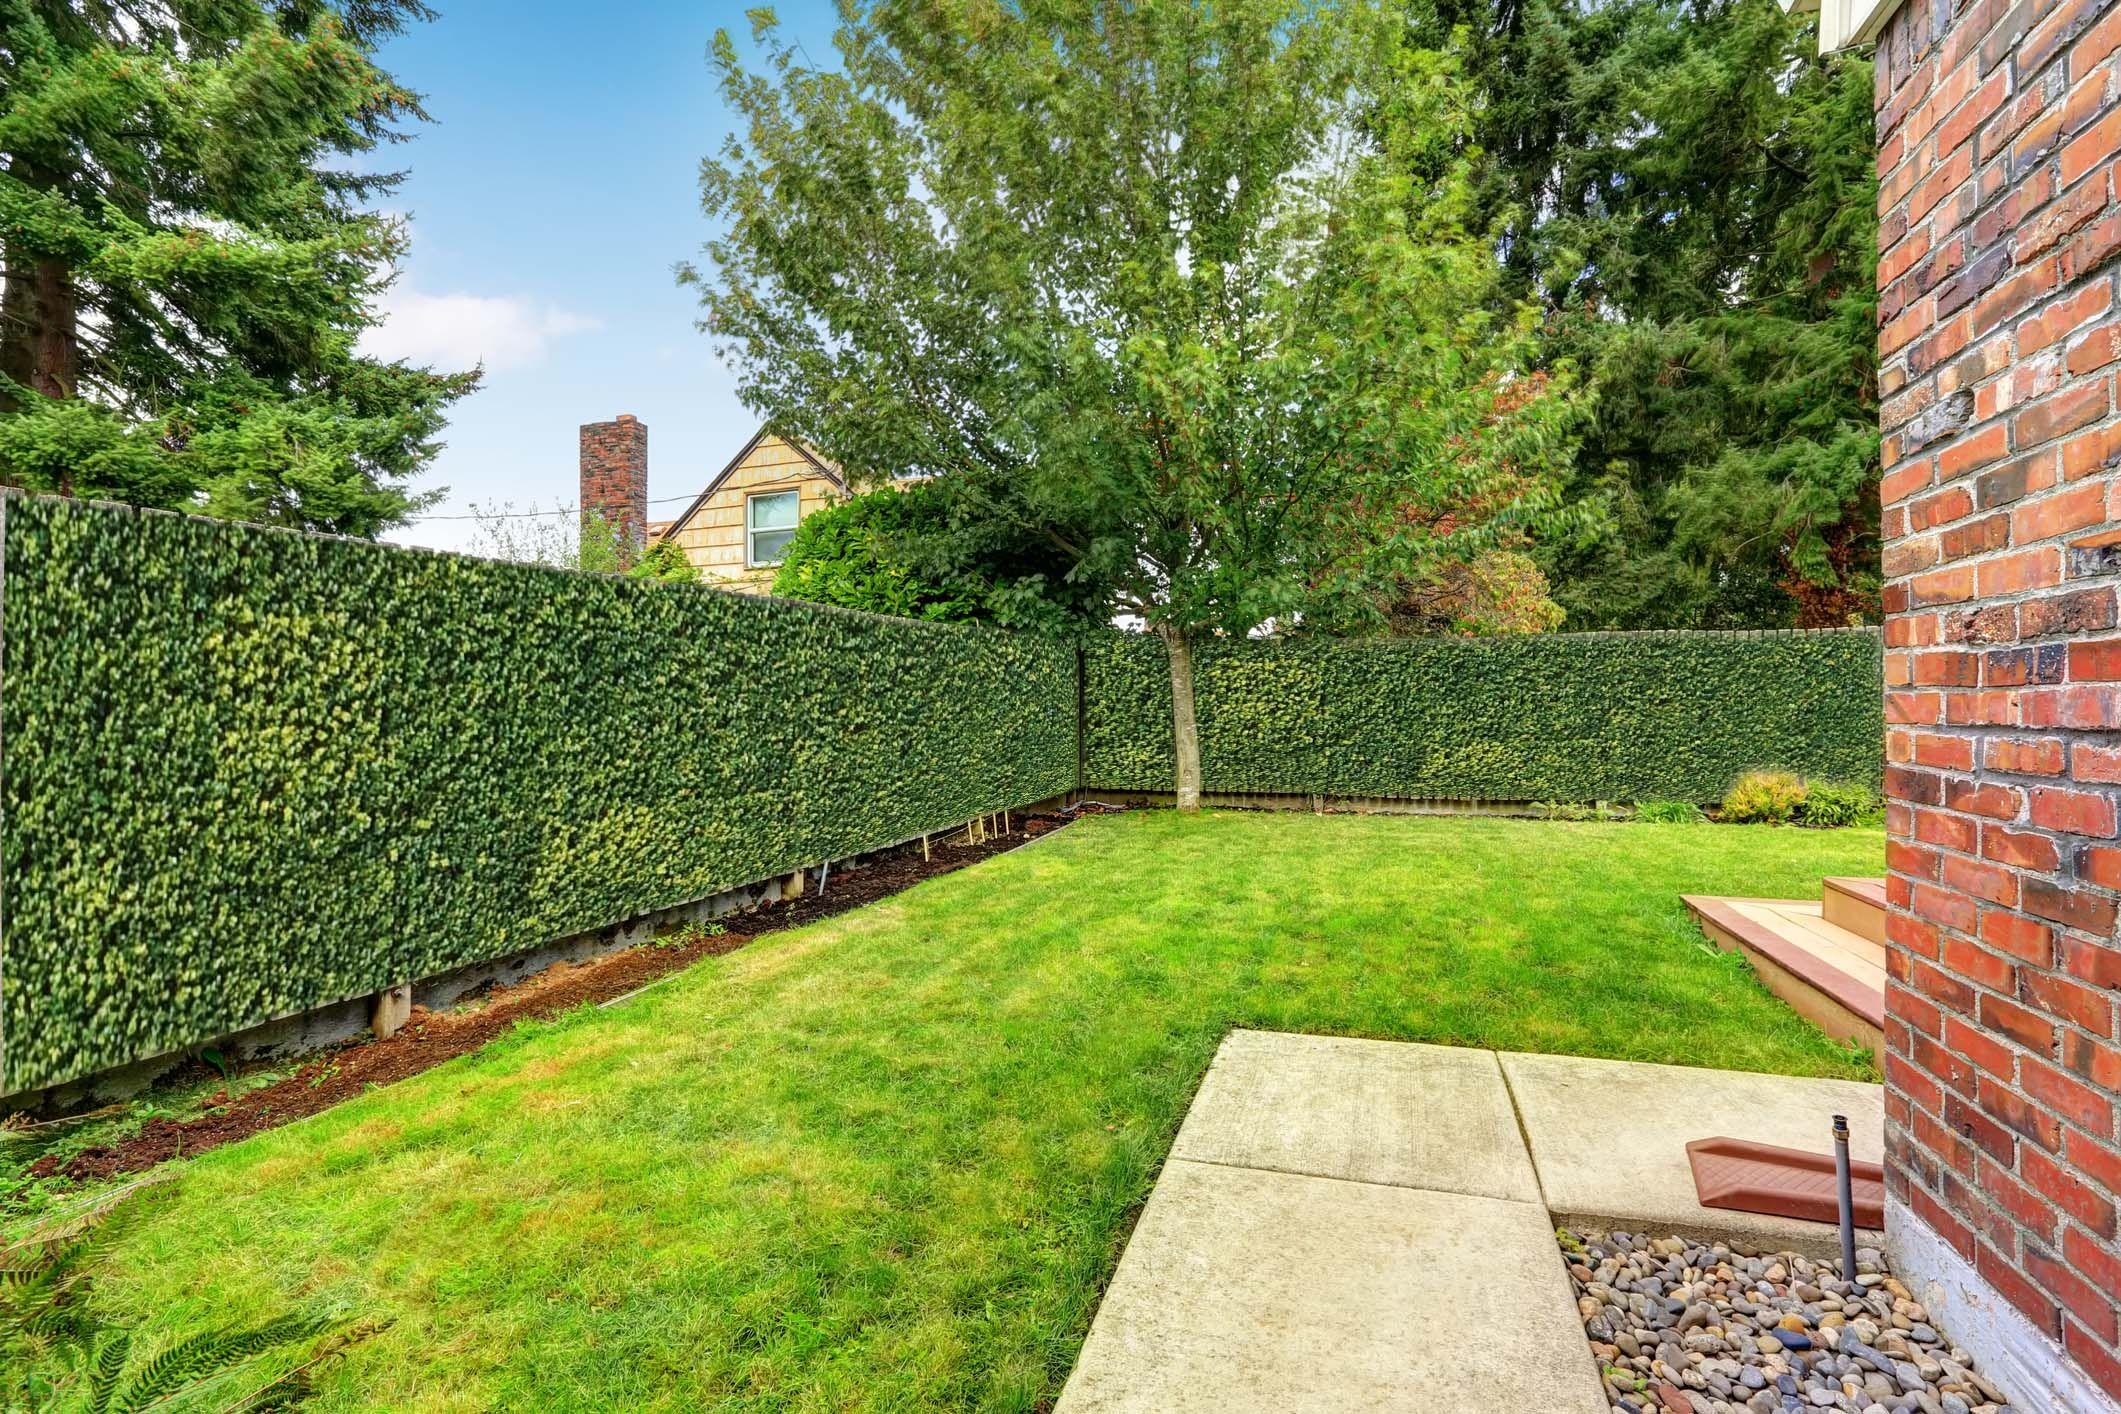 Come fare il giardino di casa da soli good giardino di - Come fare il giardino di casa da soli ...